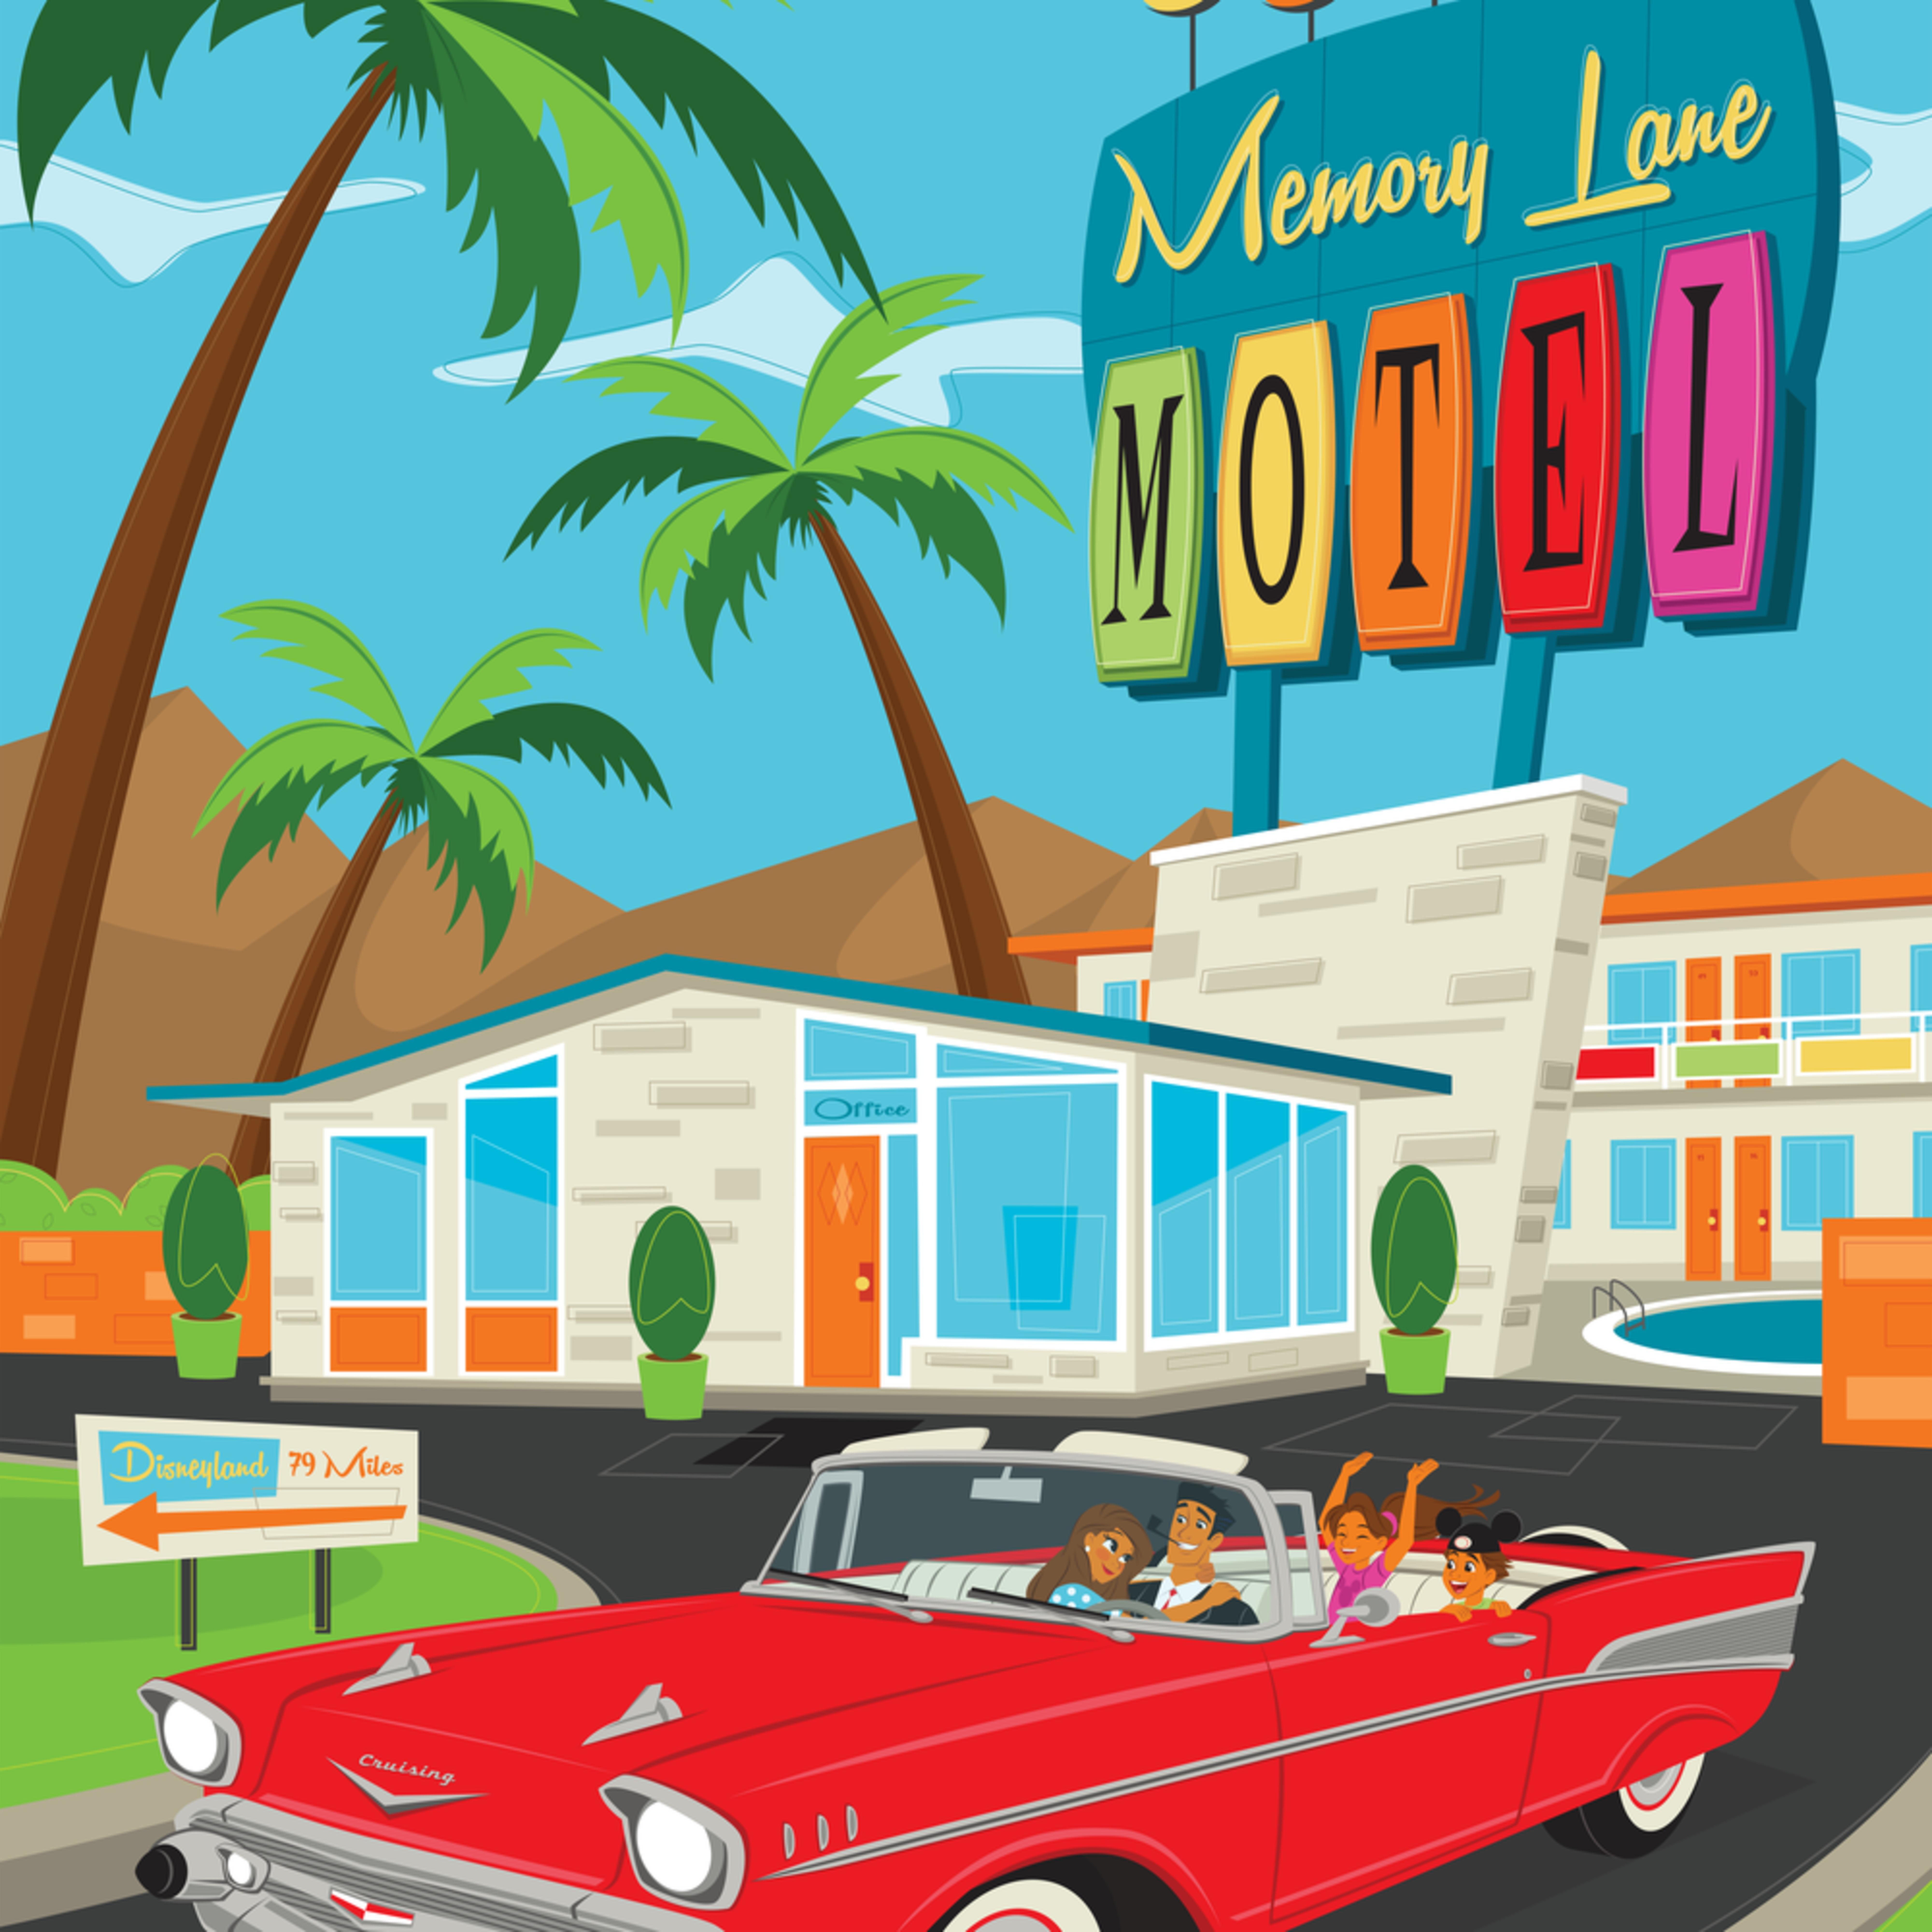 Memory lane motel n4t9nb